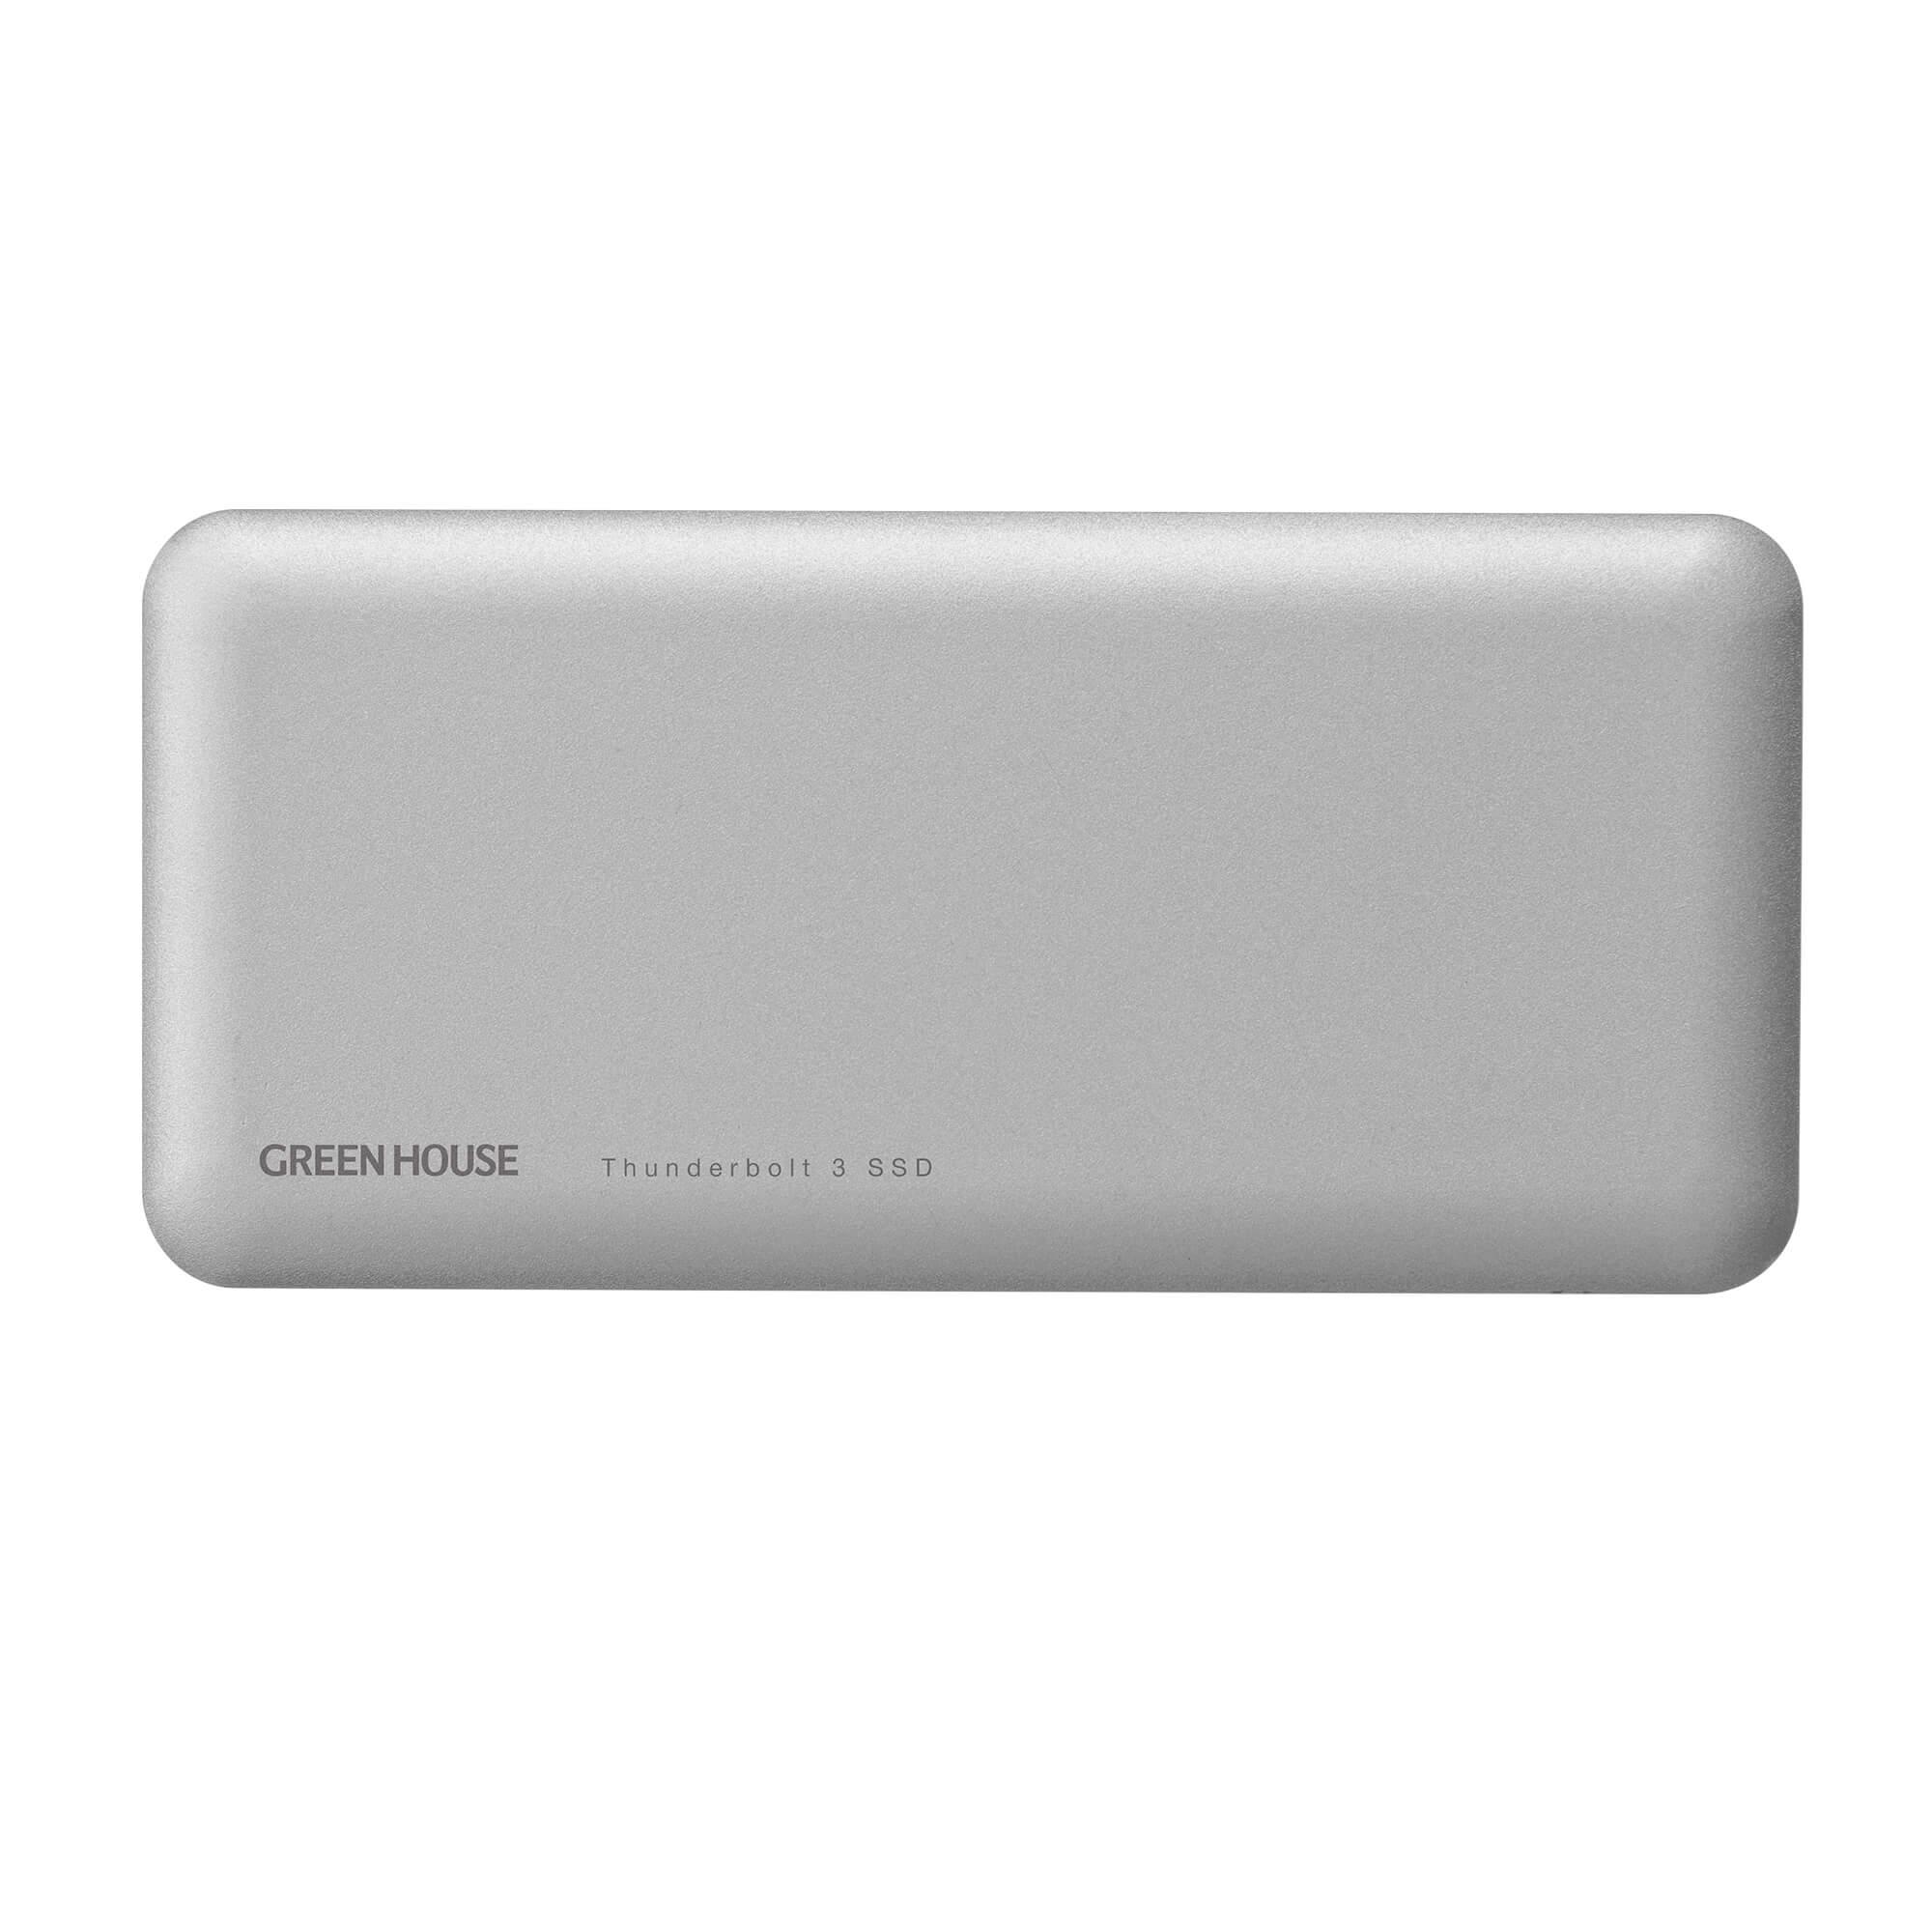 グリーンハウス、Thunderbolt 3接続SSD「GH-SSDTB3A」シリーズを発売